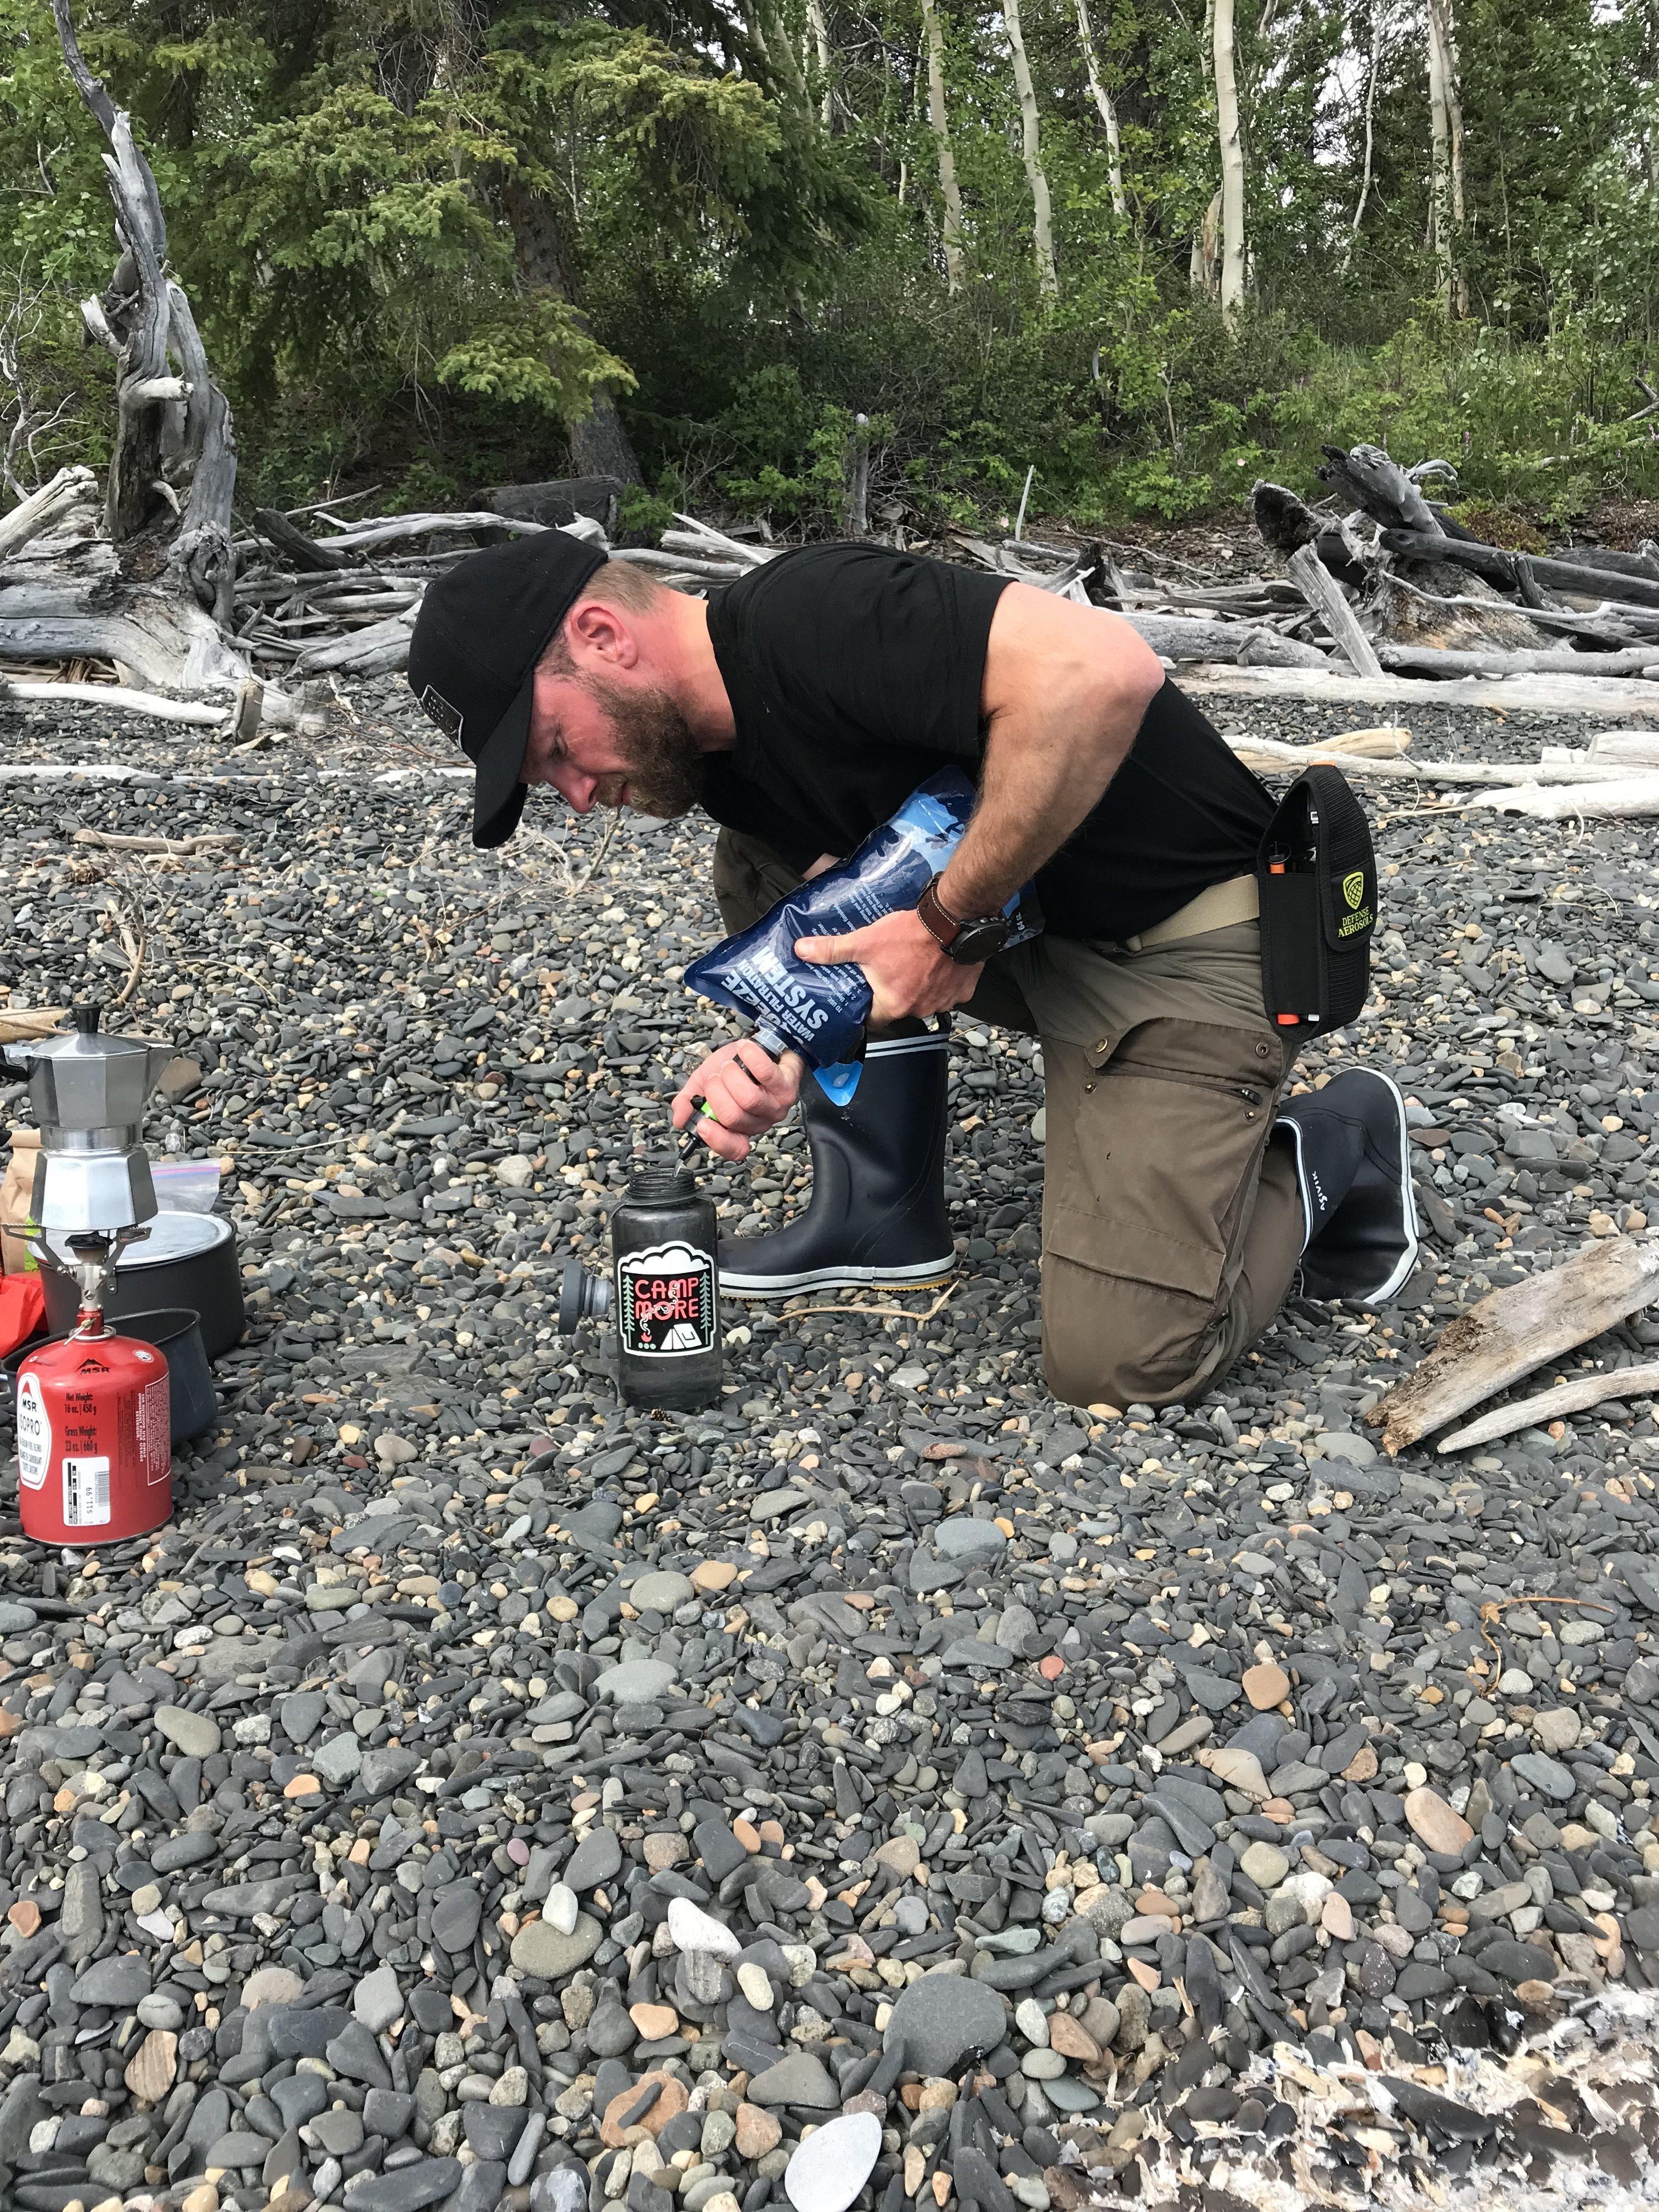 capCAP fra Humangear. Rensning af vand er bare nemmere når flaskens åbning er stor. Her filtrerer jeg vand fra mit Sawyer Mini filter i min Nathan Bigshot flaske som fungerer efter samme princip som en Nalgene Widemouth med capCAP låg.